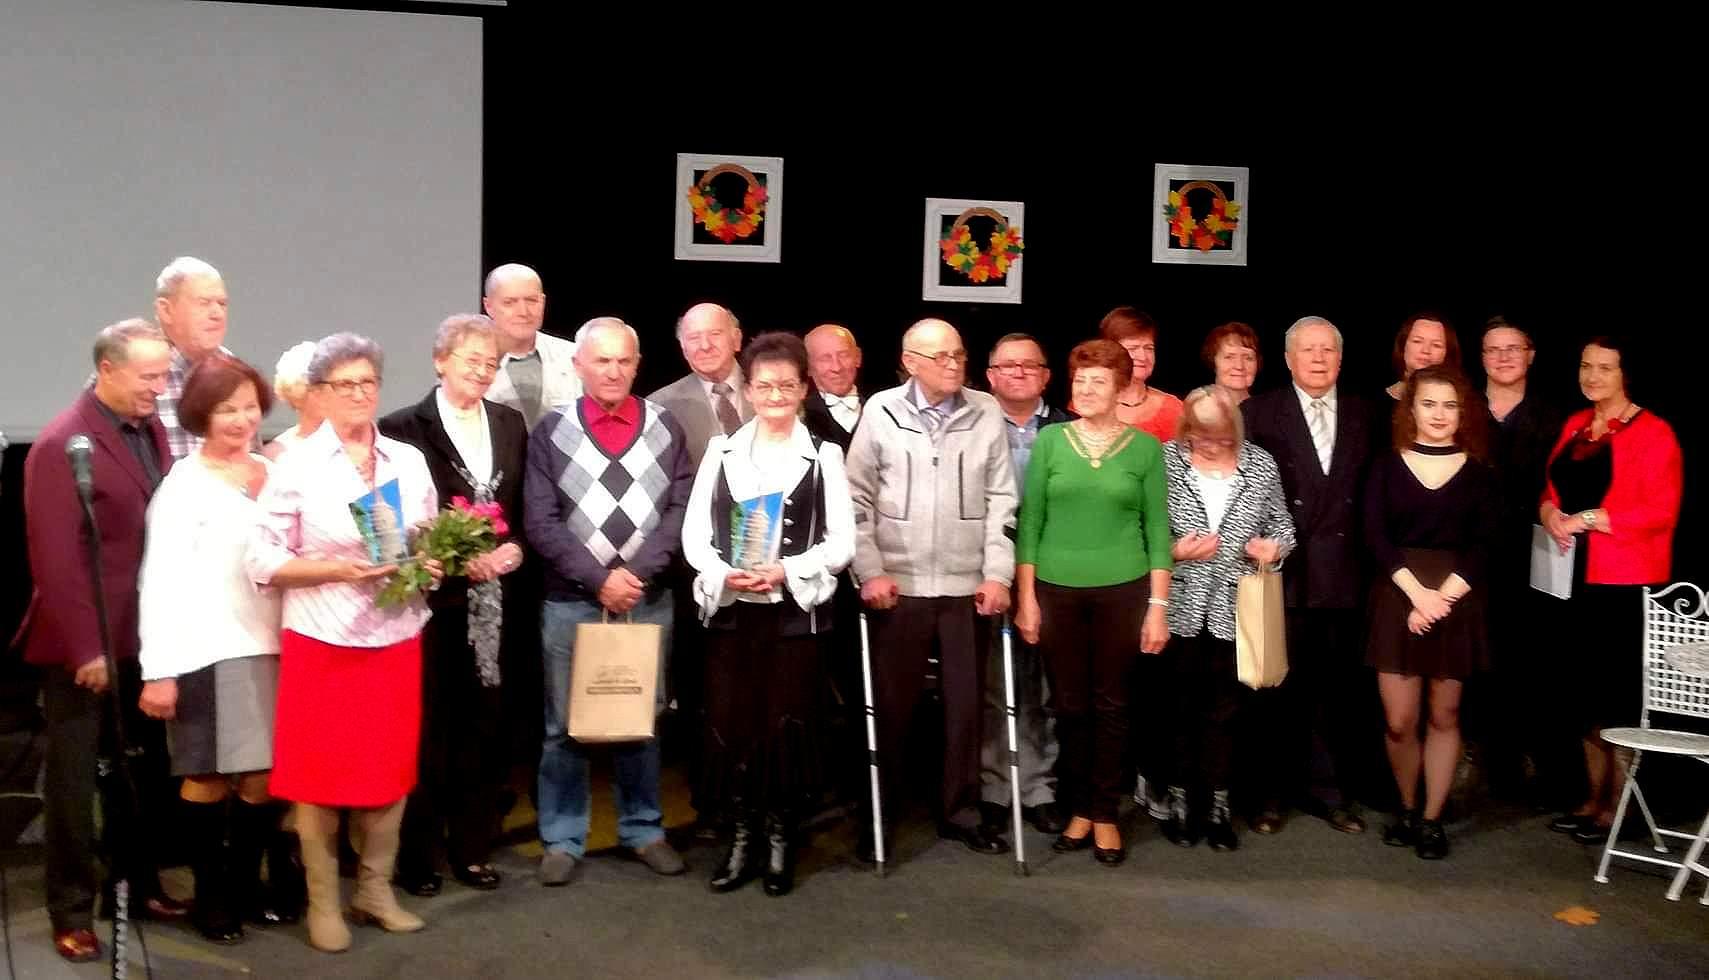 Wybrano Najlepszy Wiersz O Opolu Seniorzy To Bardzo Twórcze